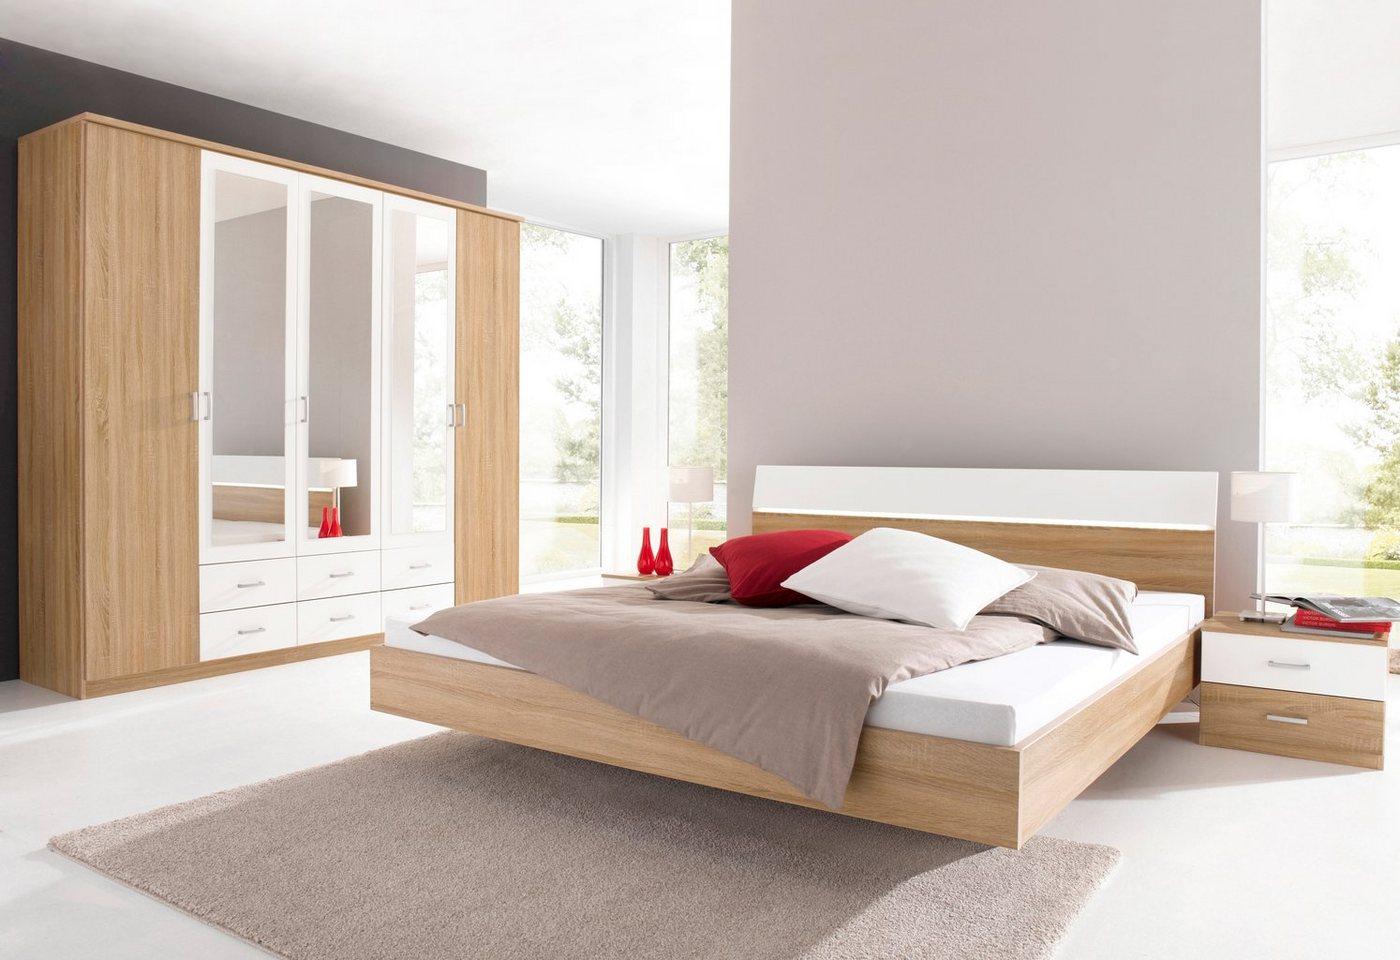 Schlafzimmer komplett sonstige preisvergleiche - Schlafzimmer komplett bei otto ...